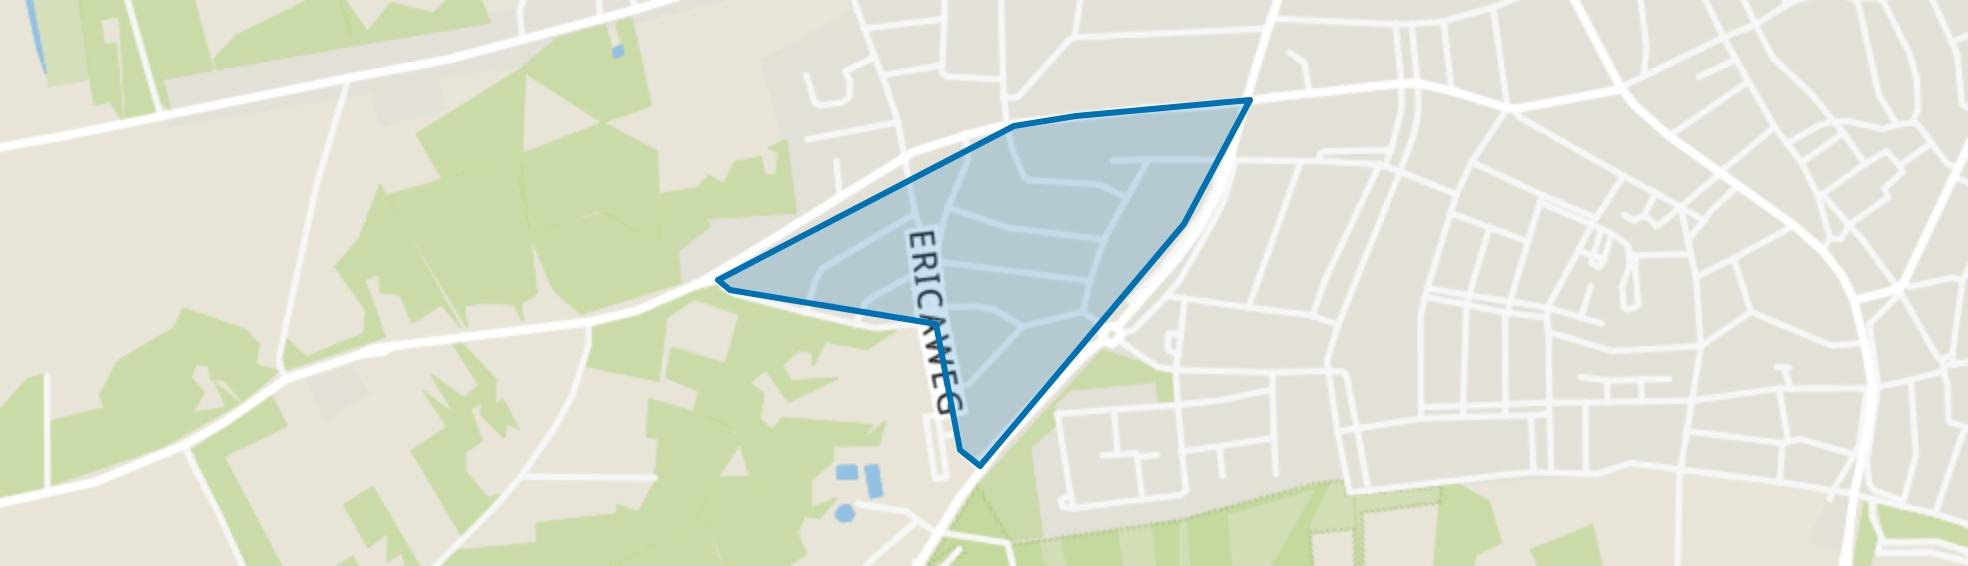 Sijsjesberg, Huizen map